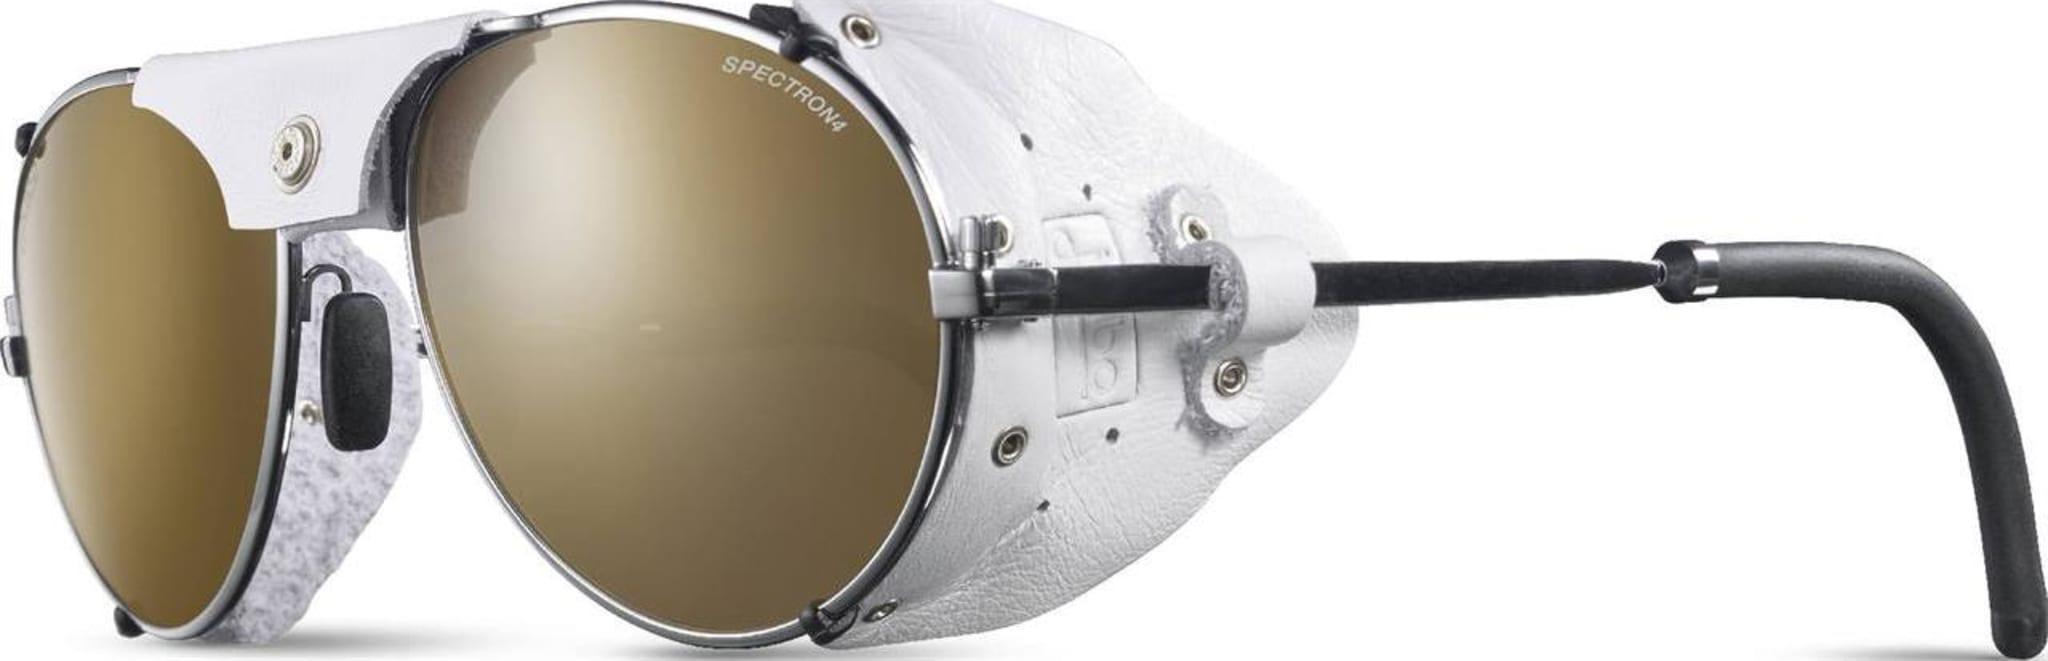 Klassisk brille fra 1972 som blander stil og funksjonalitet